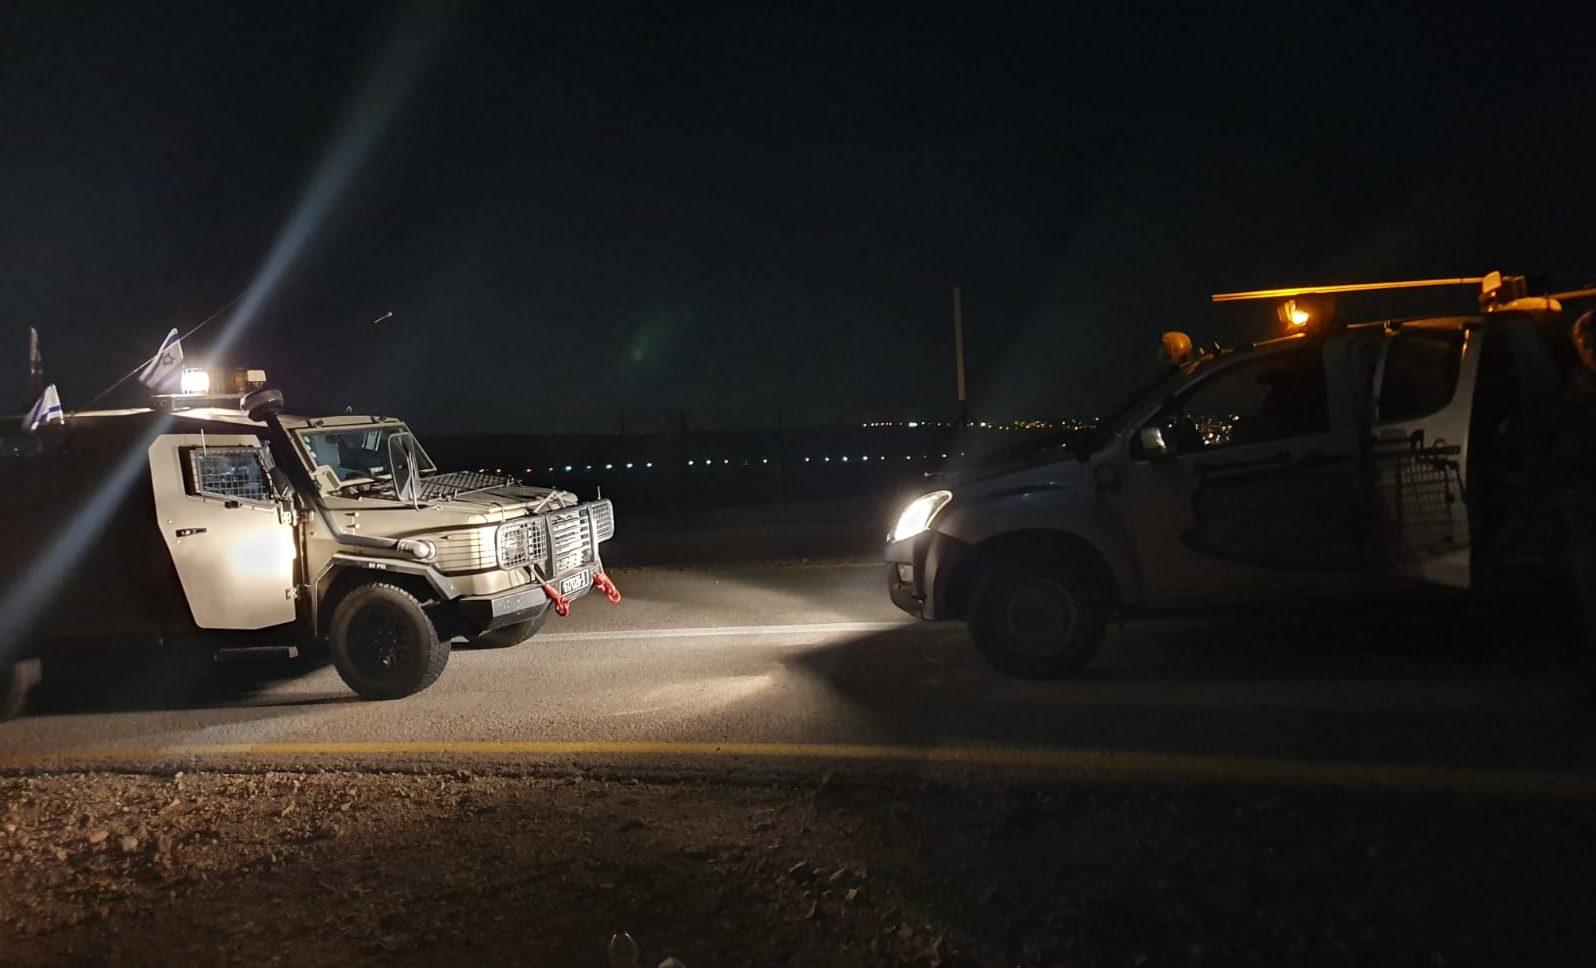 שלושה מסתננים ניסו לחדור מלבנון לארץ ונעצרו